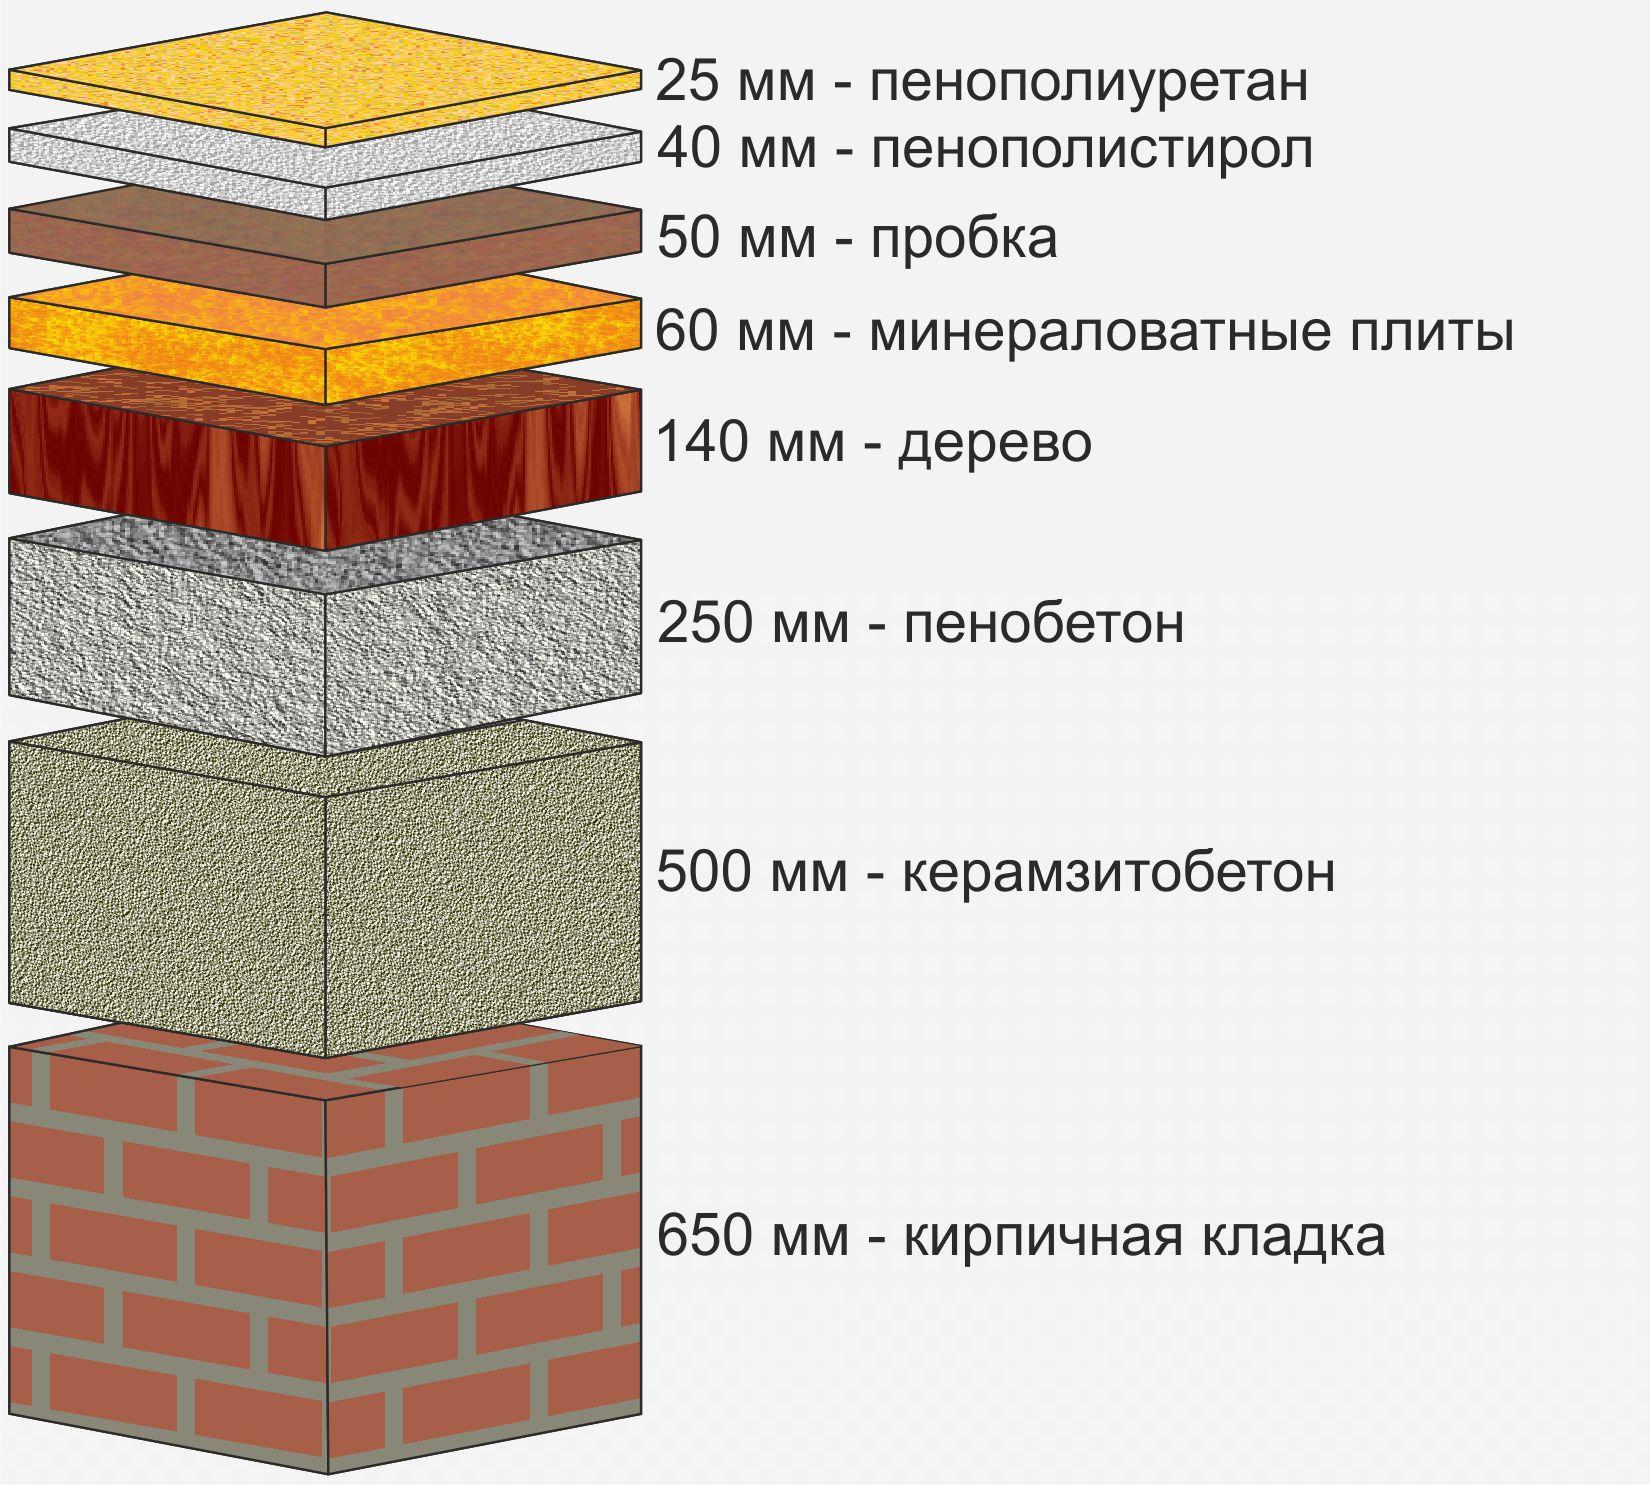 Пенный утеплитель для крыши